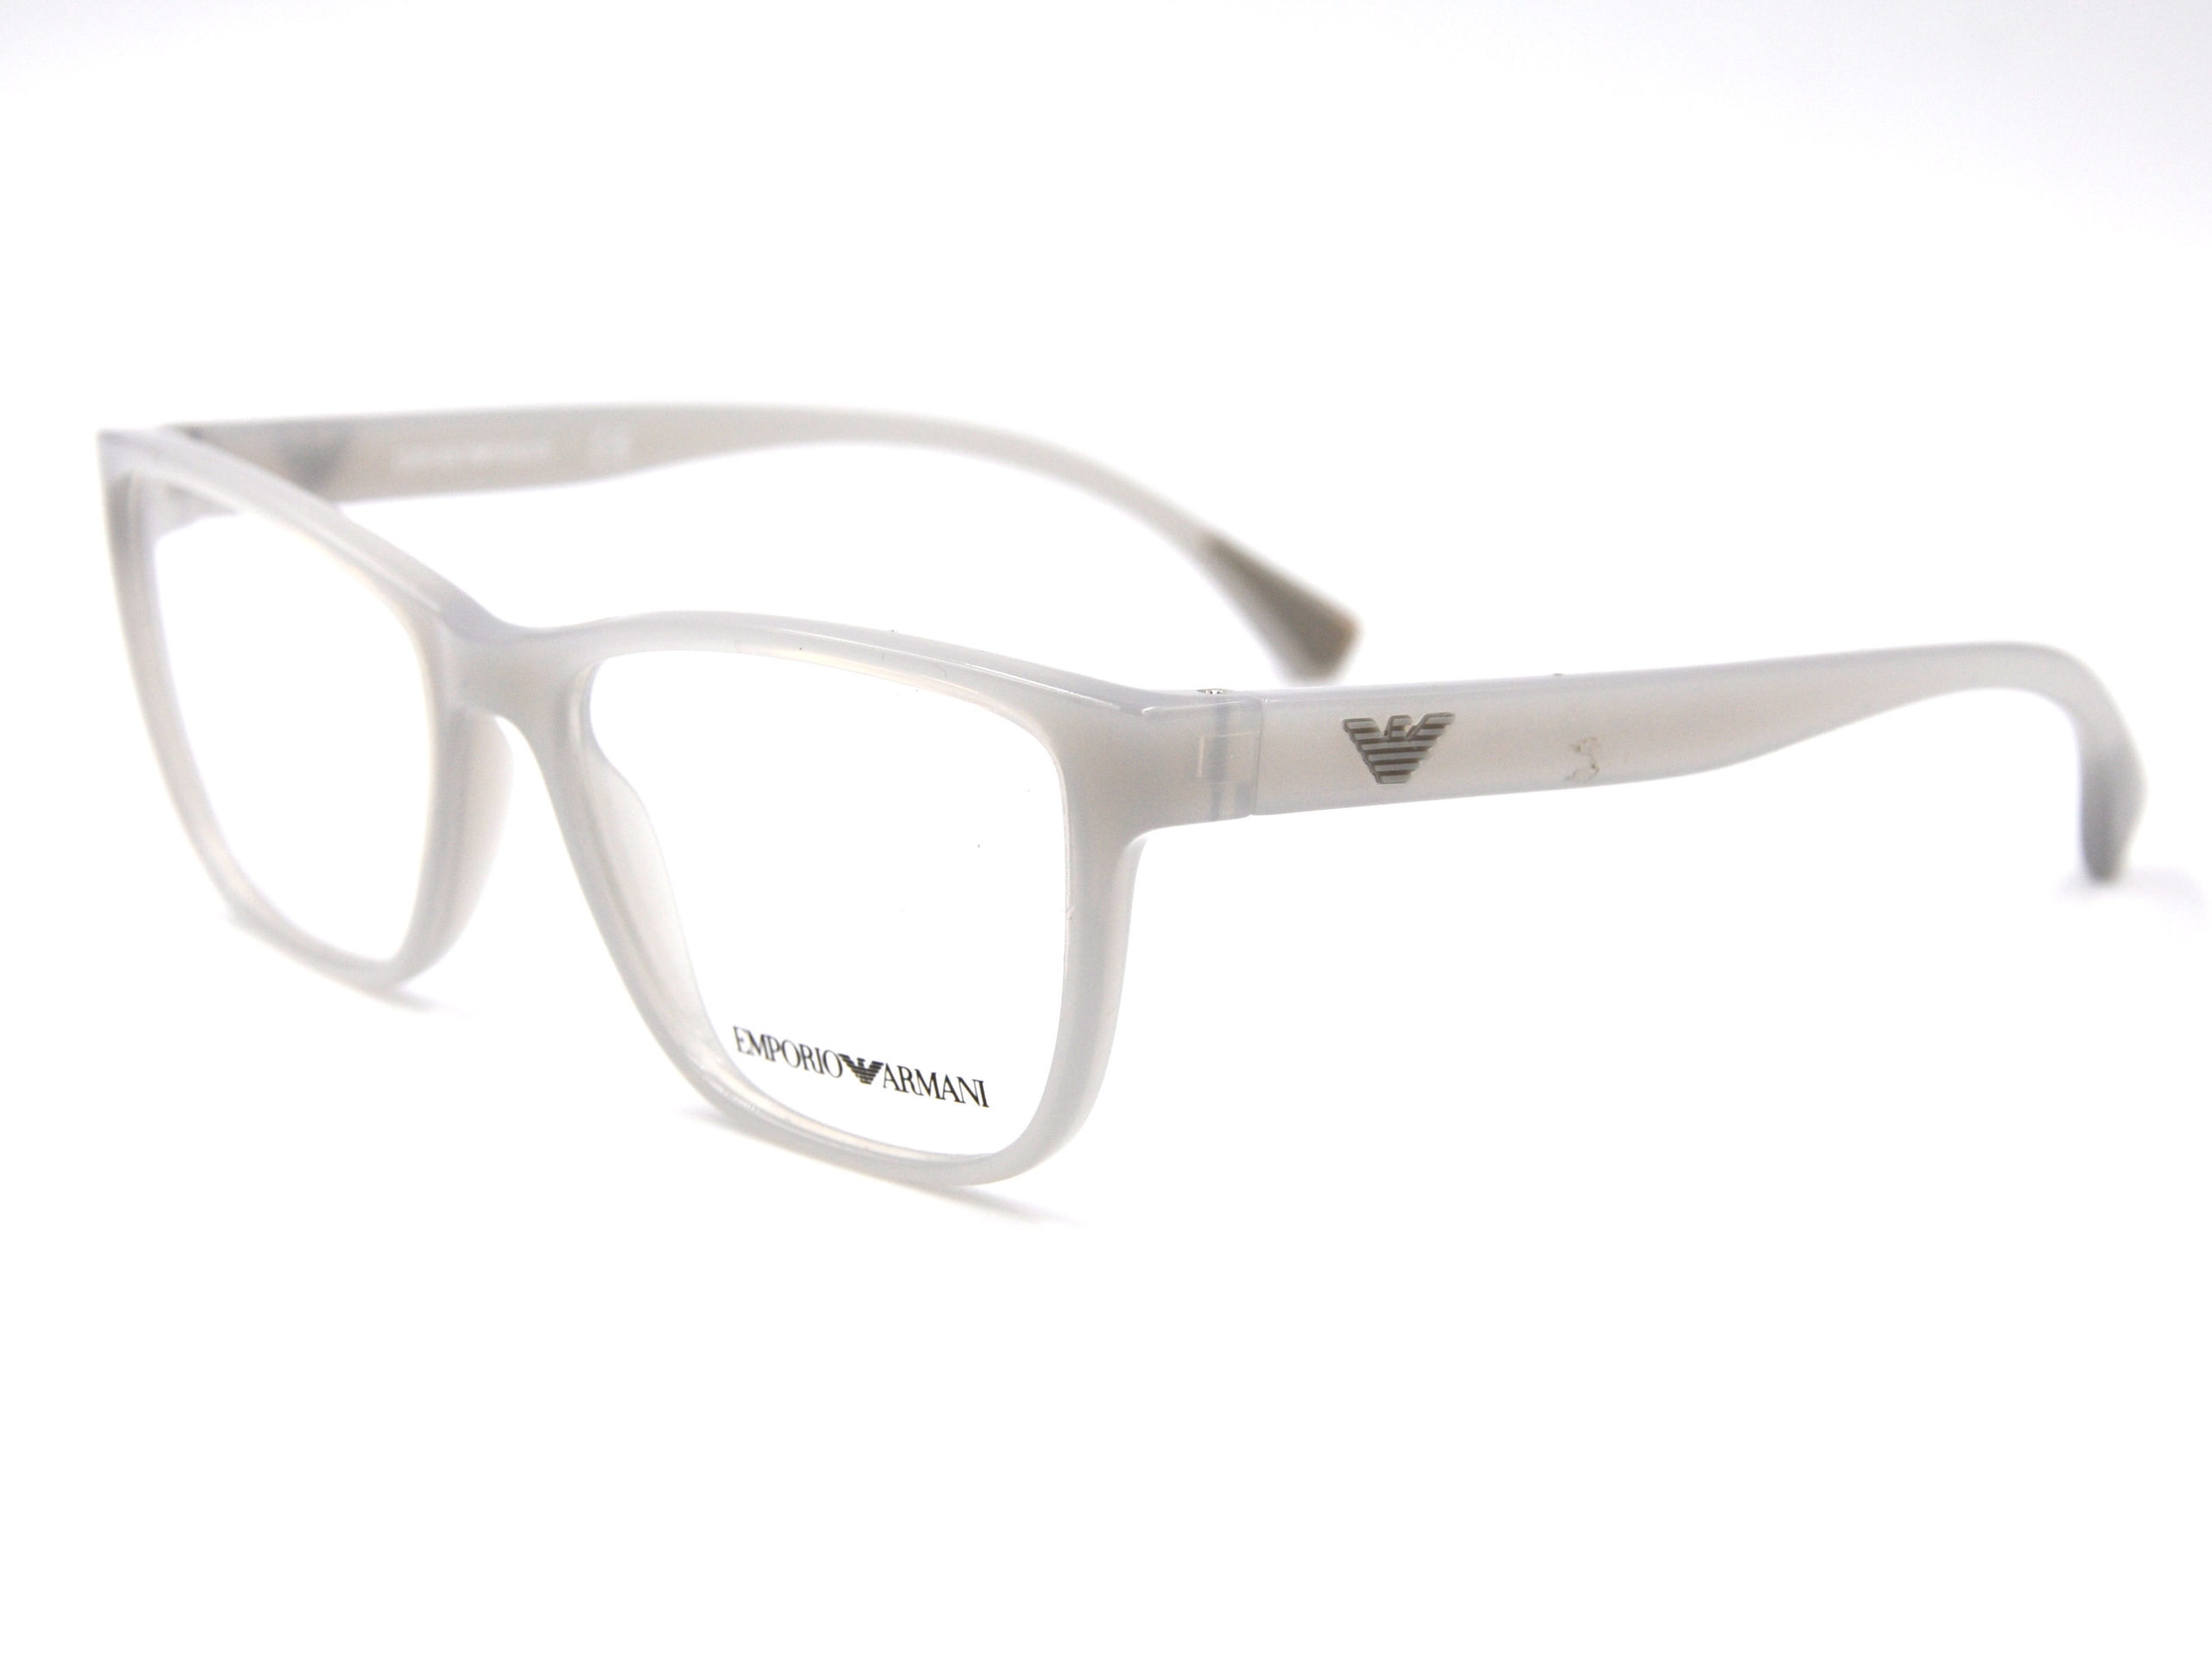 EMPORIO ARMANI EA3090 5536 Prescription Glasses 2019